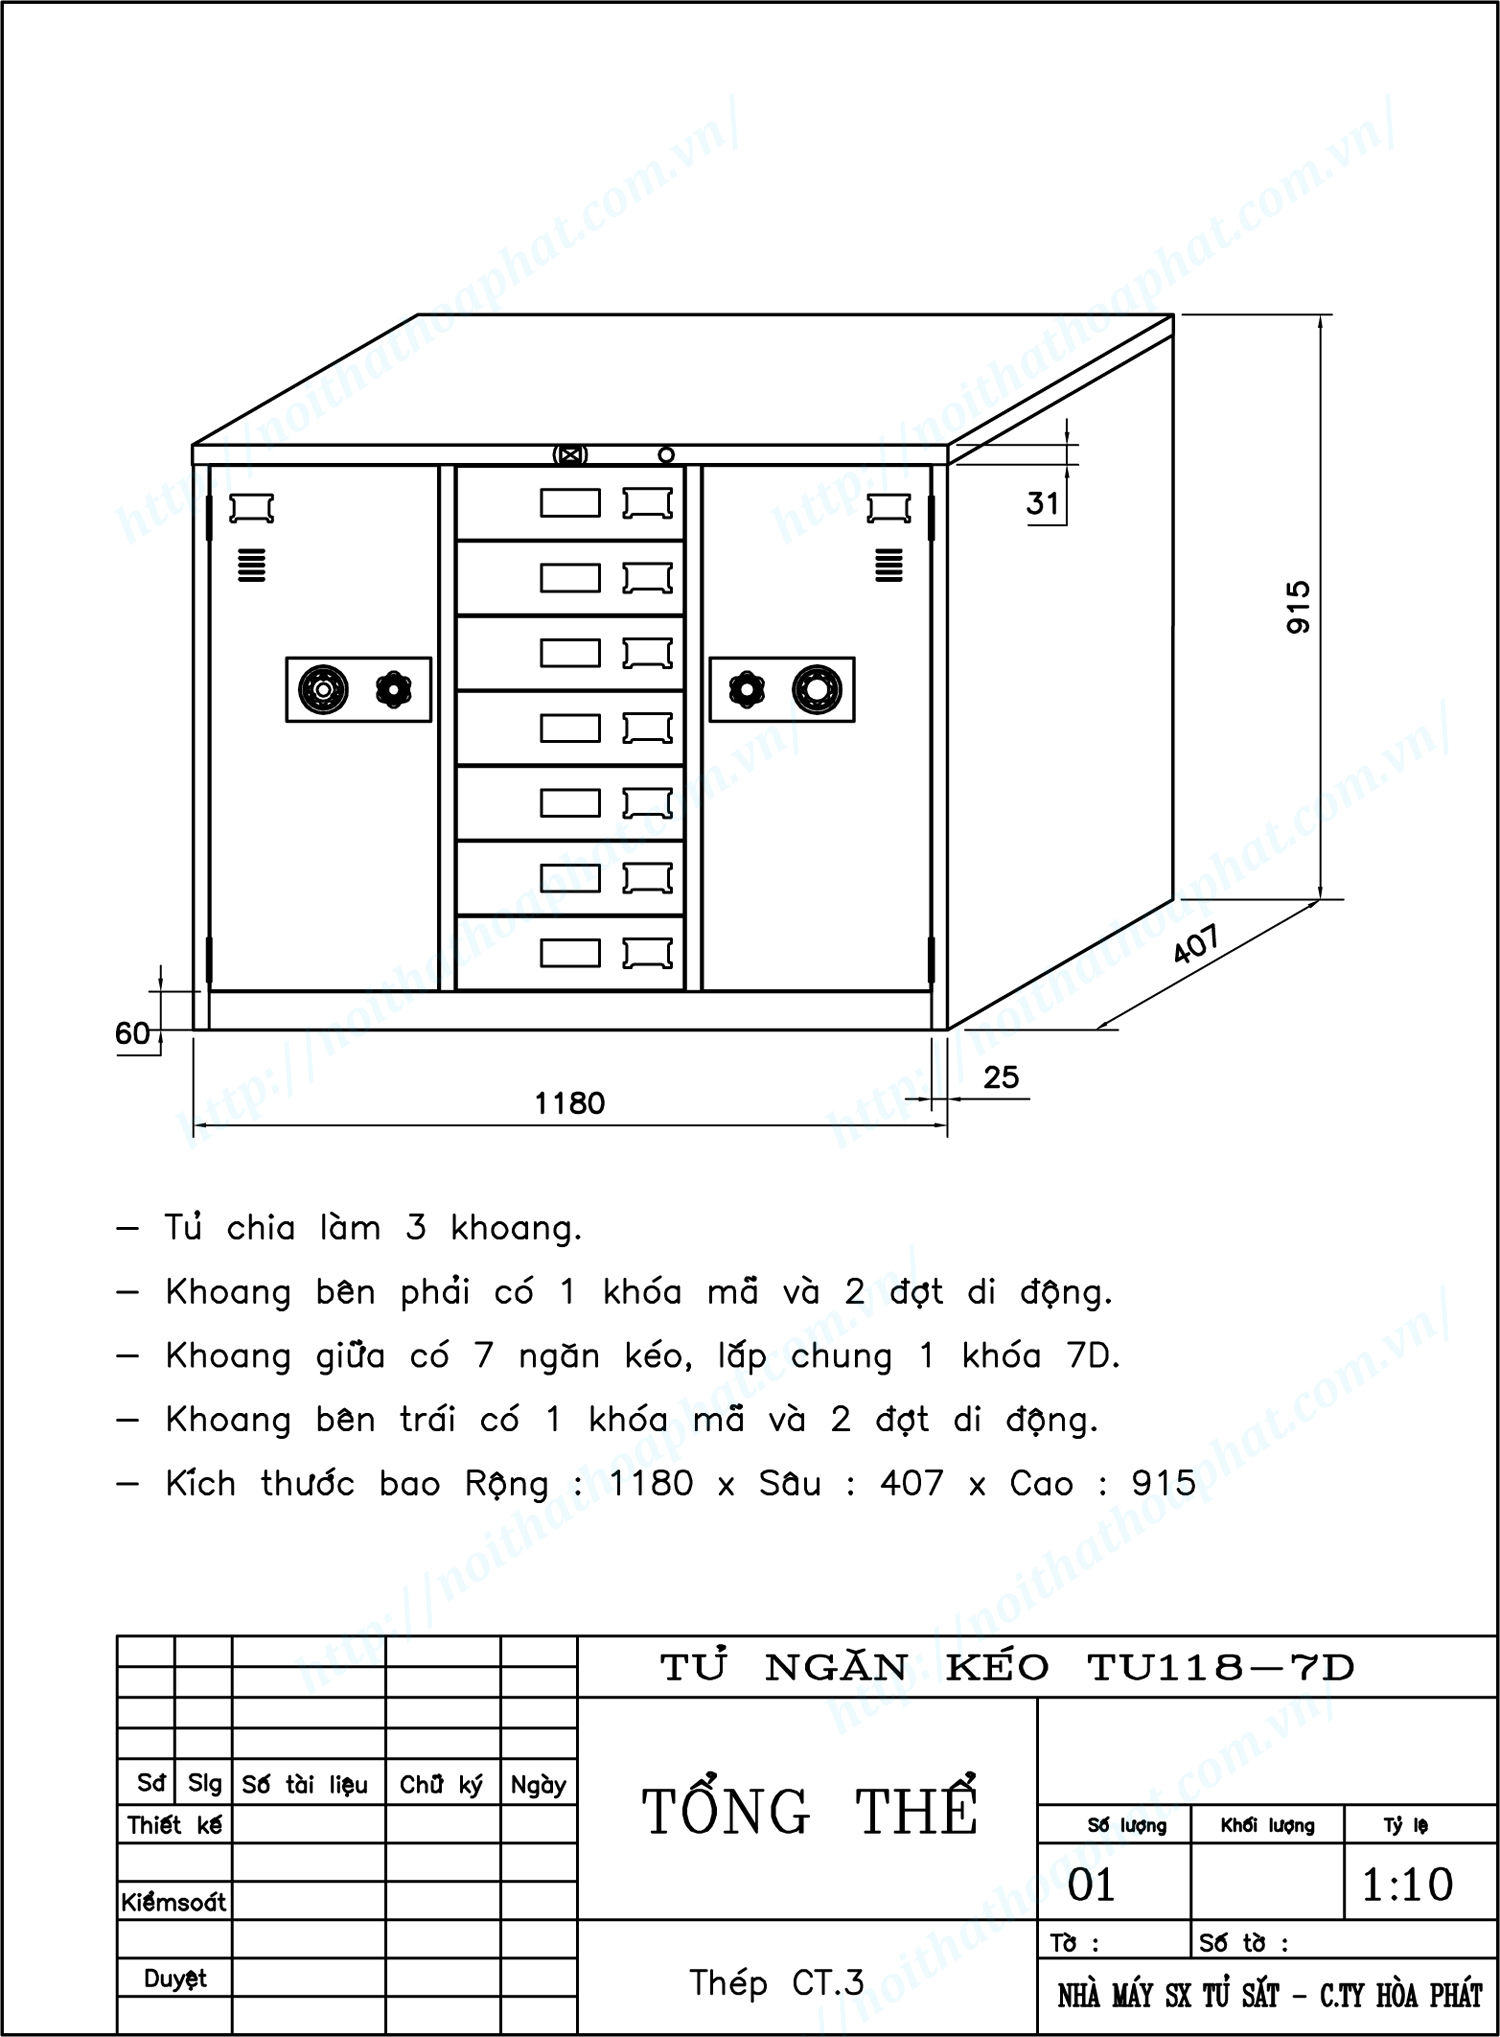 Bản vẽ kỹ thuật thiết kế tủ 7 ngăn kéo 3 khoang TU118-7D